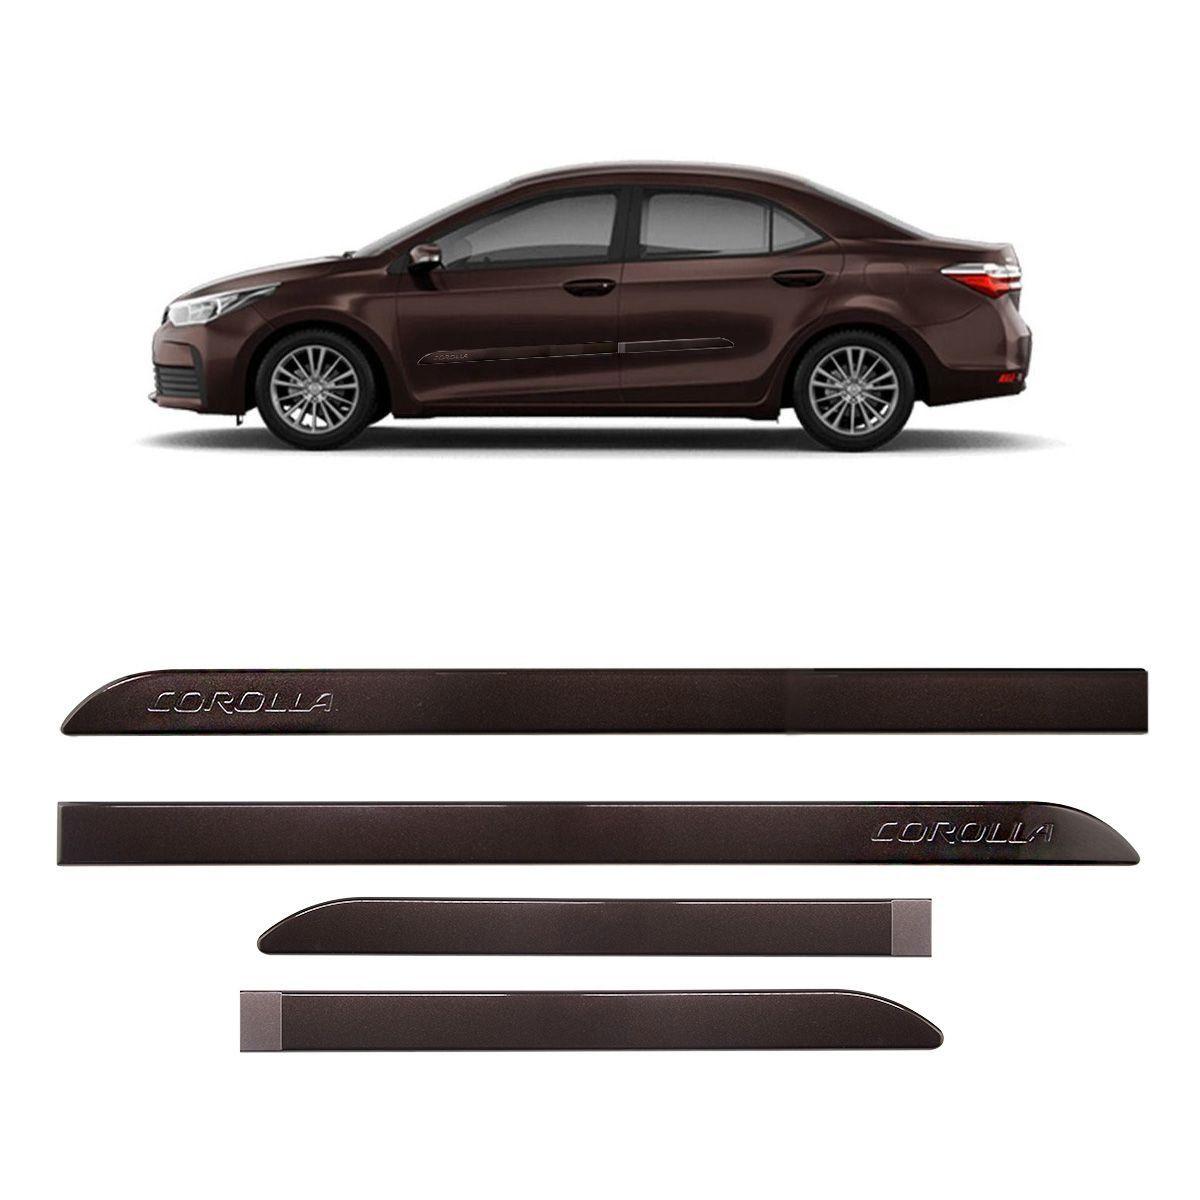 Friso Lateral Corolla Marrom Urban 2015 a 2018 Mod Original